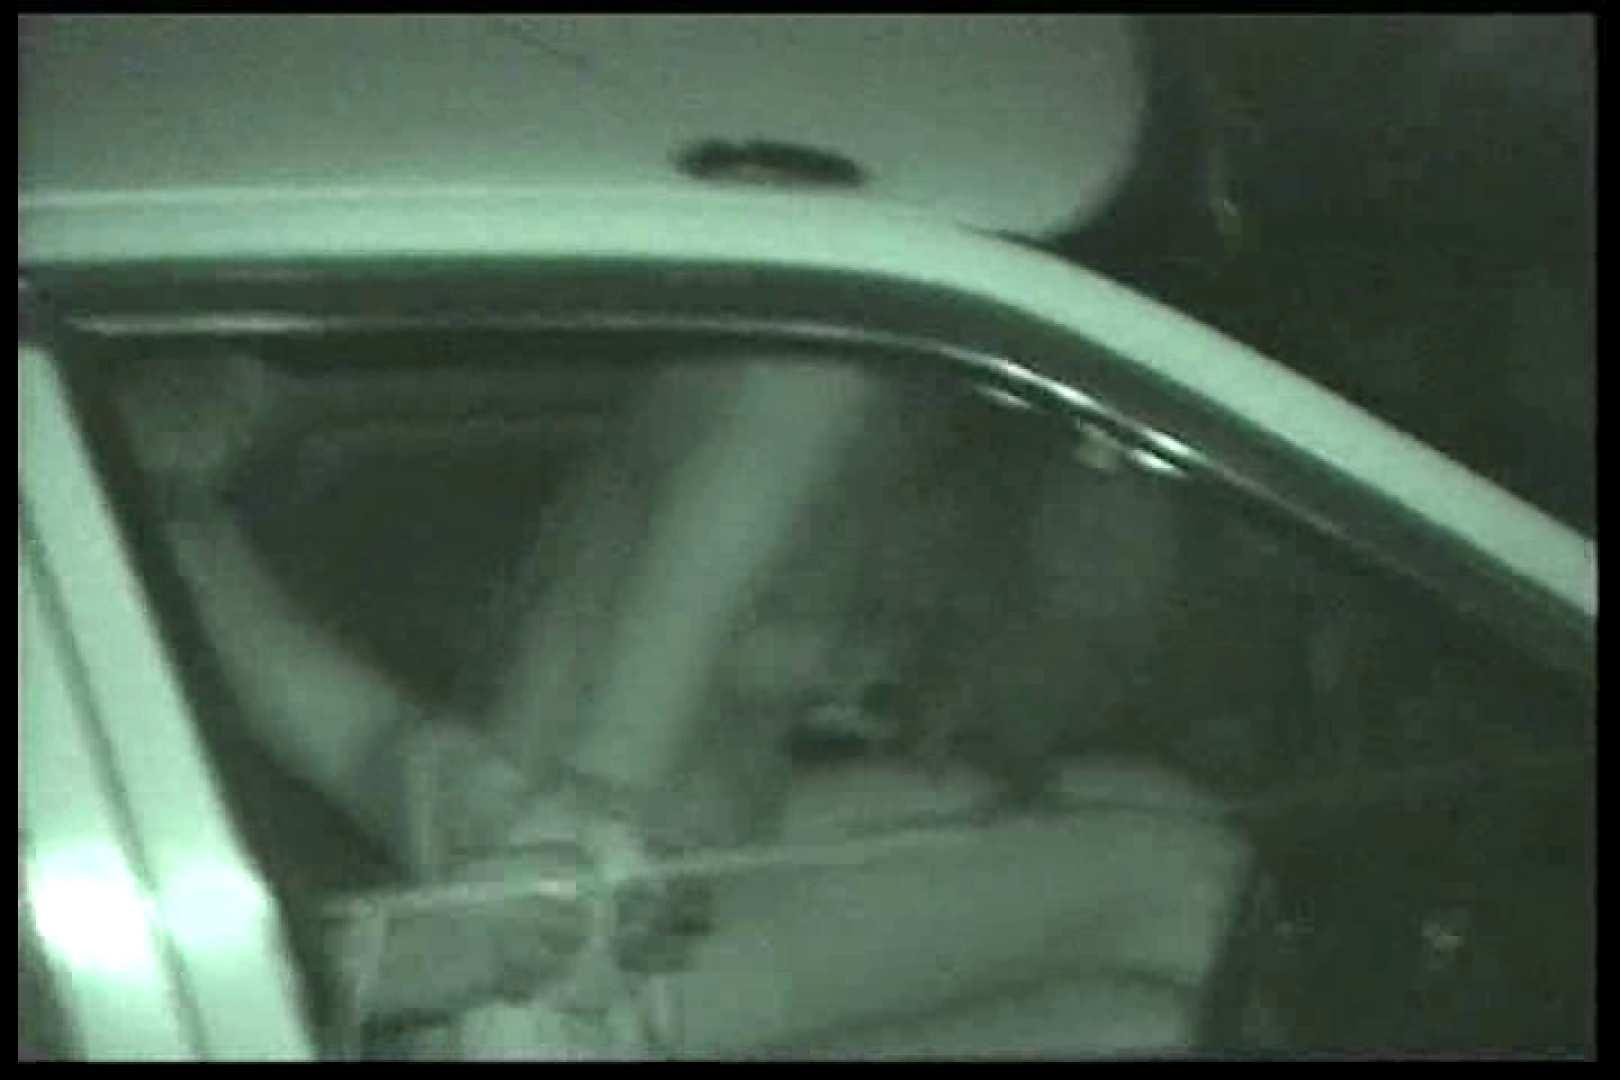 車の中はラブホテル 無修正版  Vol.15 ラブホテル隠し撮り 盗撮動画紹介 77pic 6